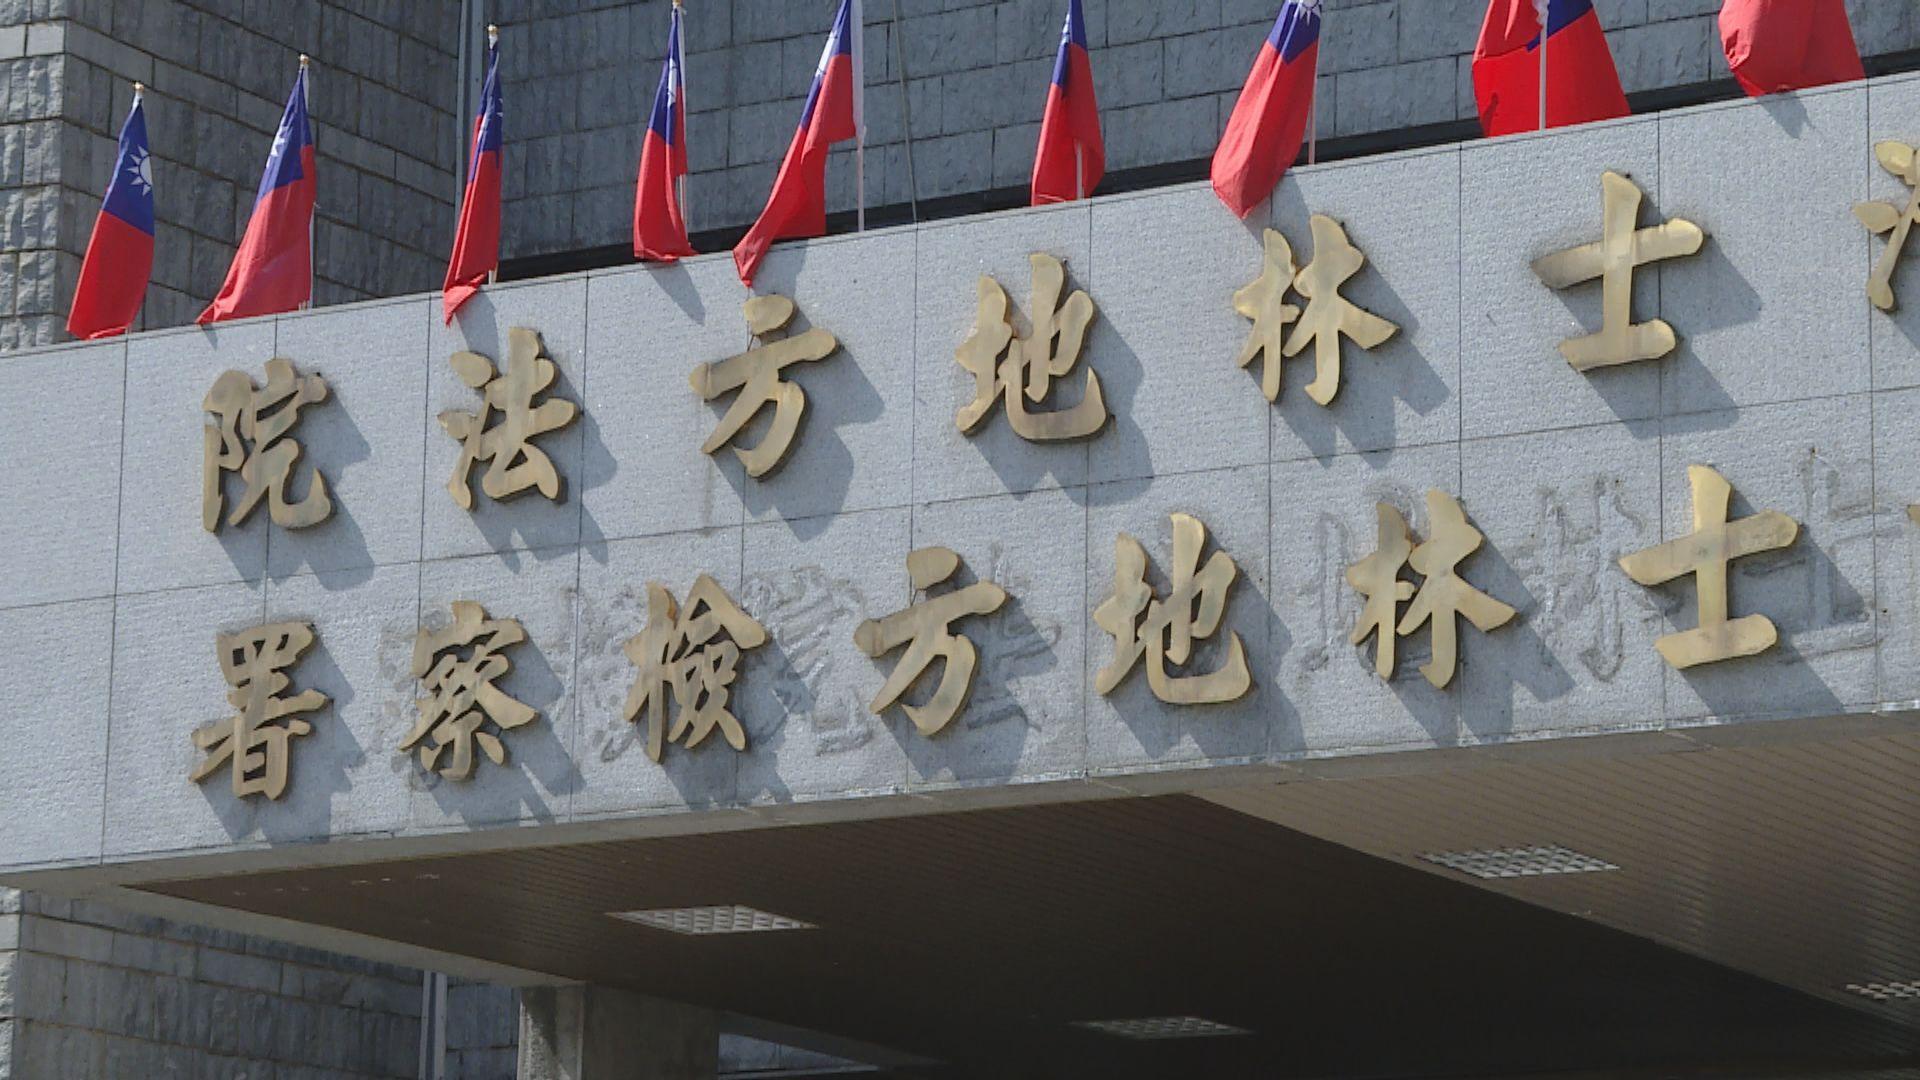 士林地檢署:陳同佳作為通緝犯到台後會立即被捕